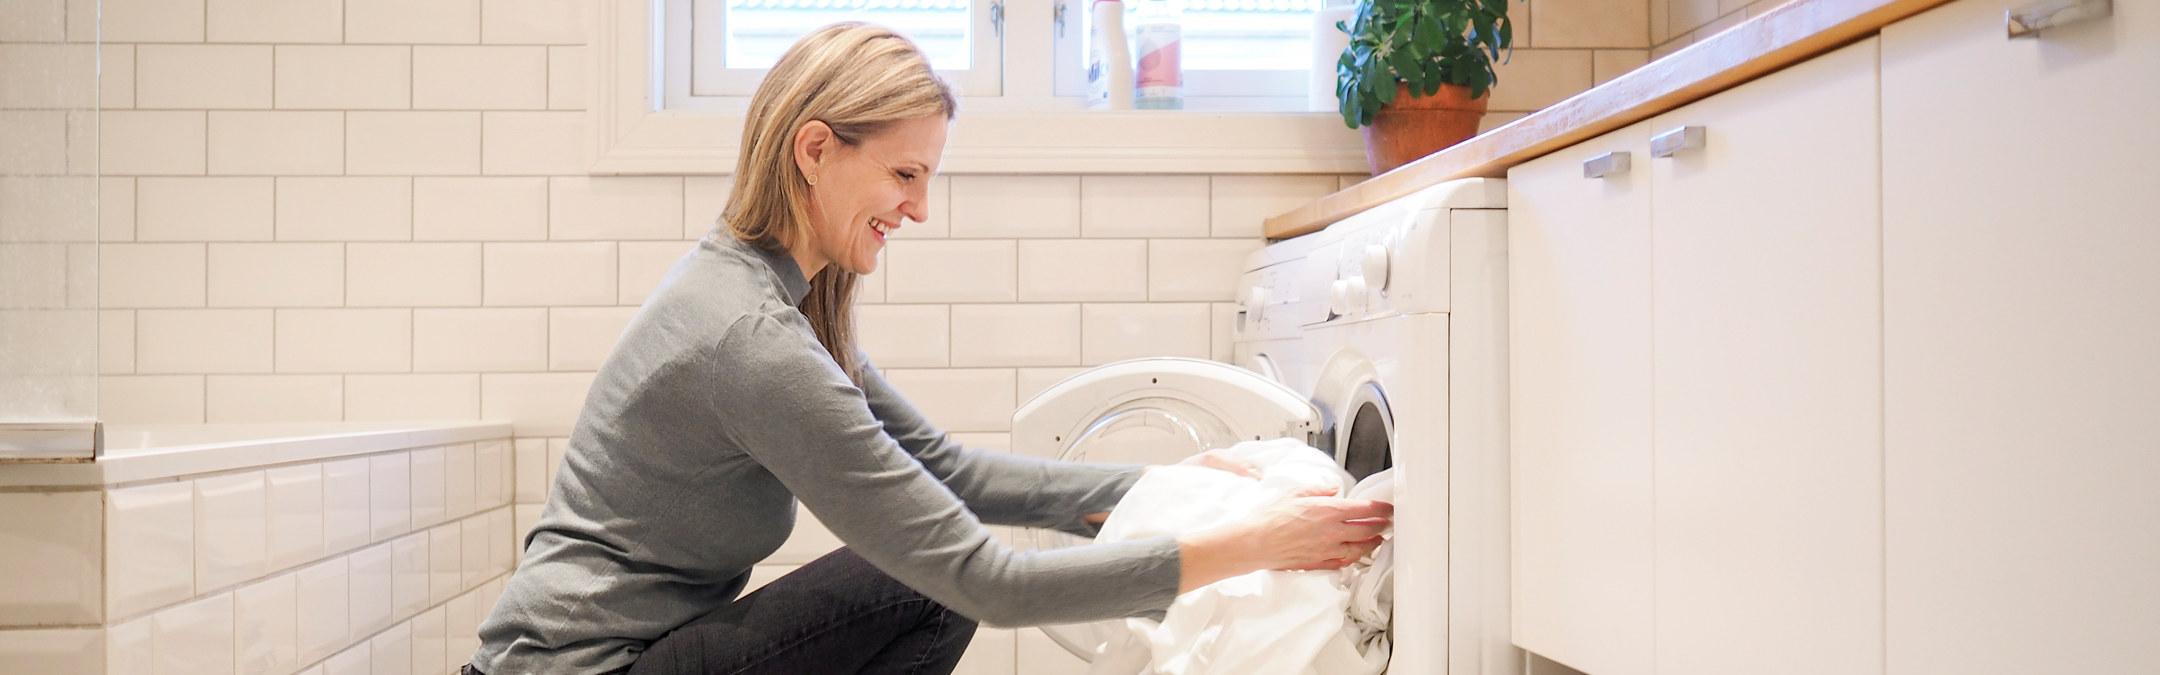 Foto: Dame med langt lyst hår sitter på huk foran en vaskemaskin med sengetøy.